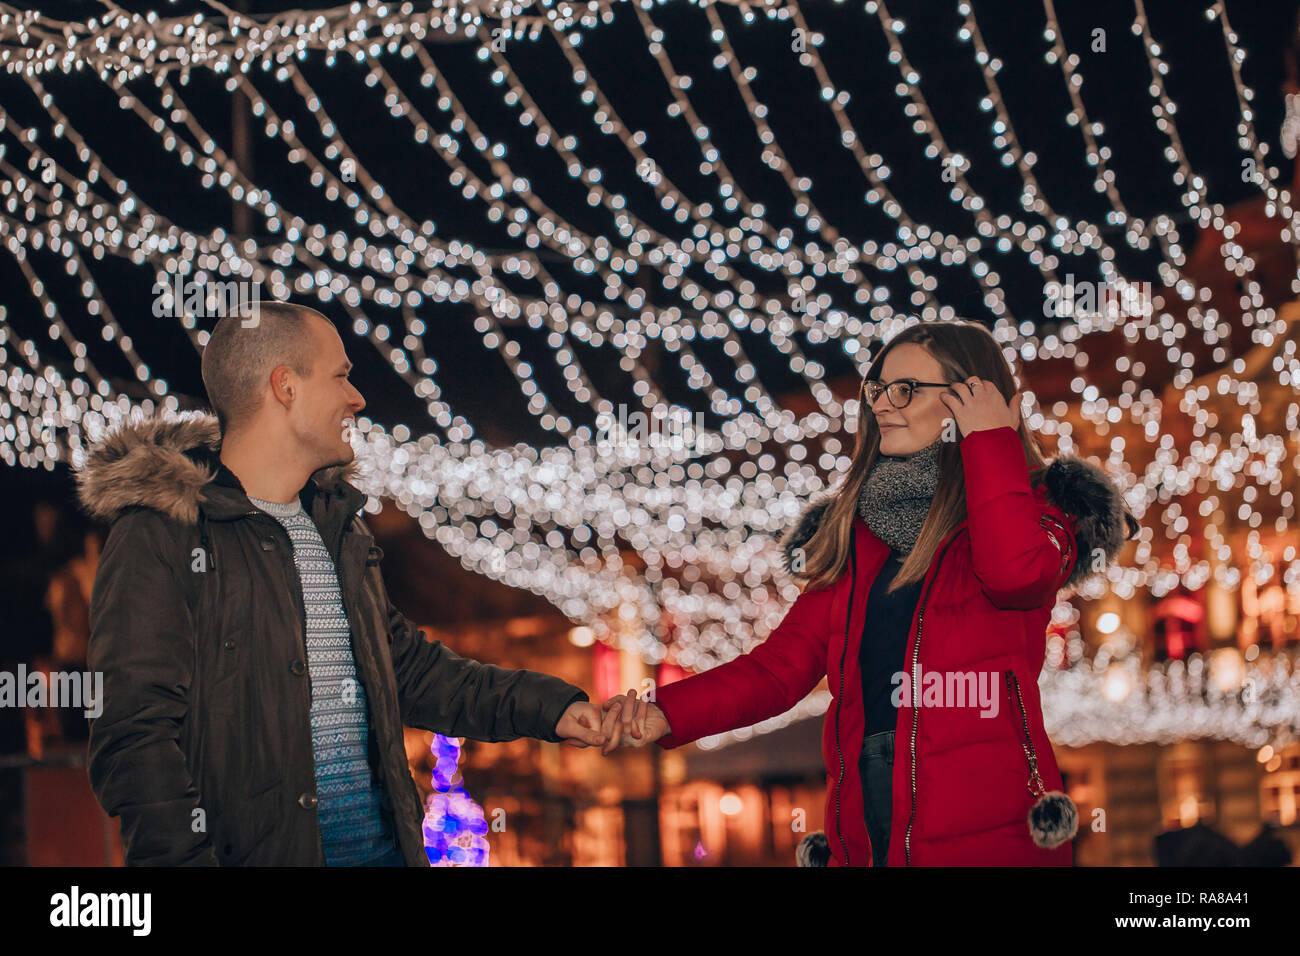 Pareja joven en ropa de invierno en la calle de la ciudad tomados de la mano en la noche durante vacaciones de invierno. Decoración luminosa - Imagen de fondo Imagen De Stock